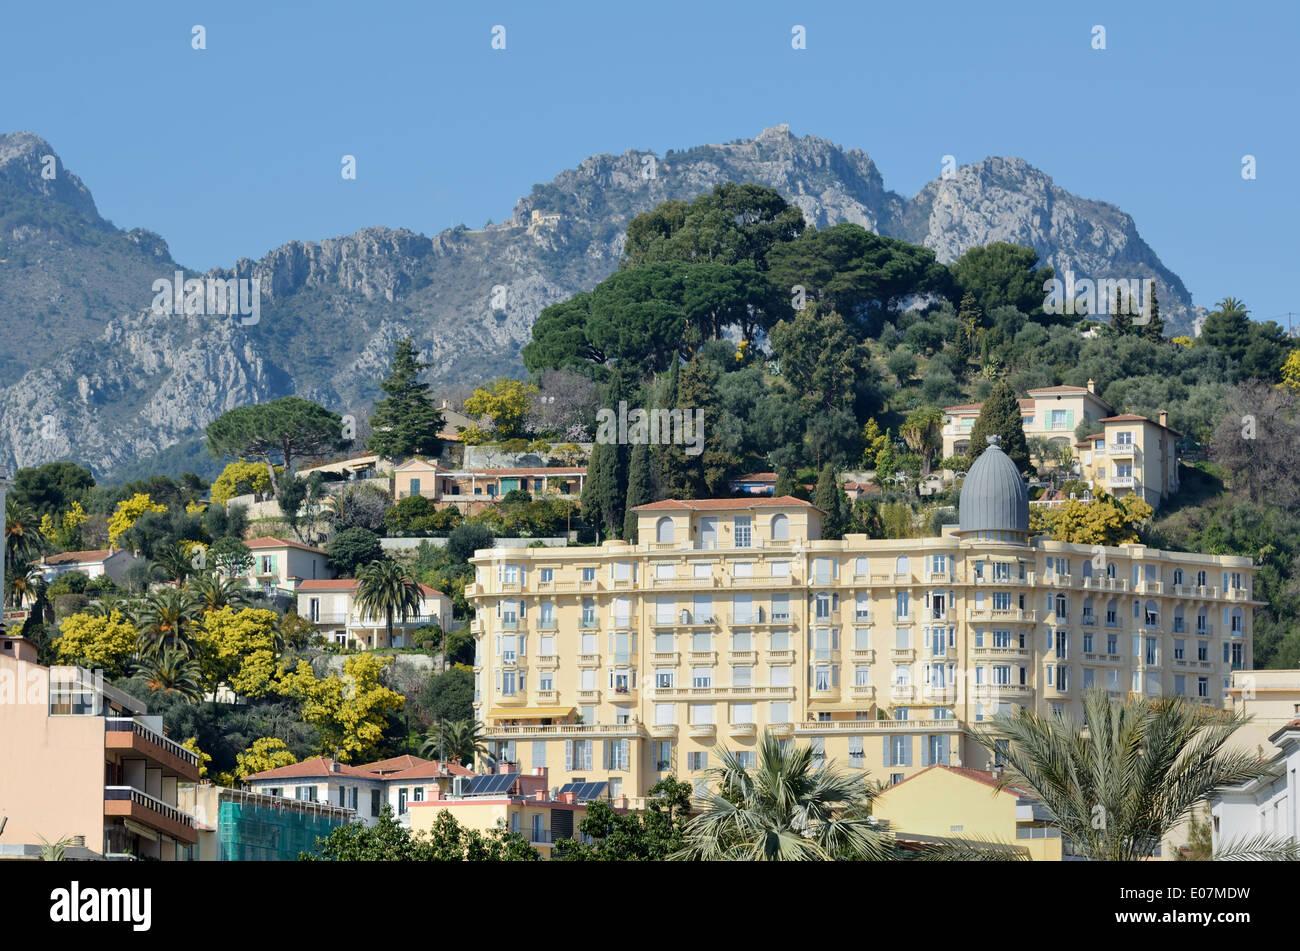 Belle Epoch Architettura e Alpi inferiore o colle roccioso dietro Menton Alpes-Maritimes Francia Immagini Stock